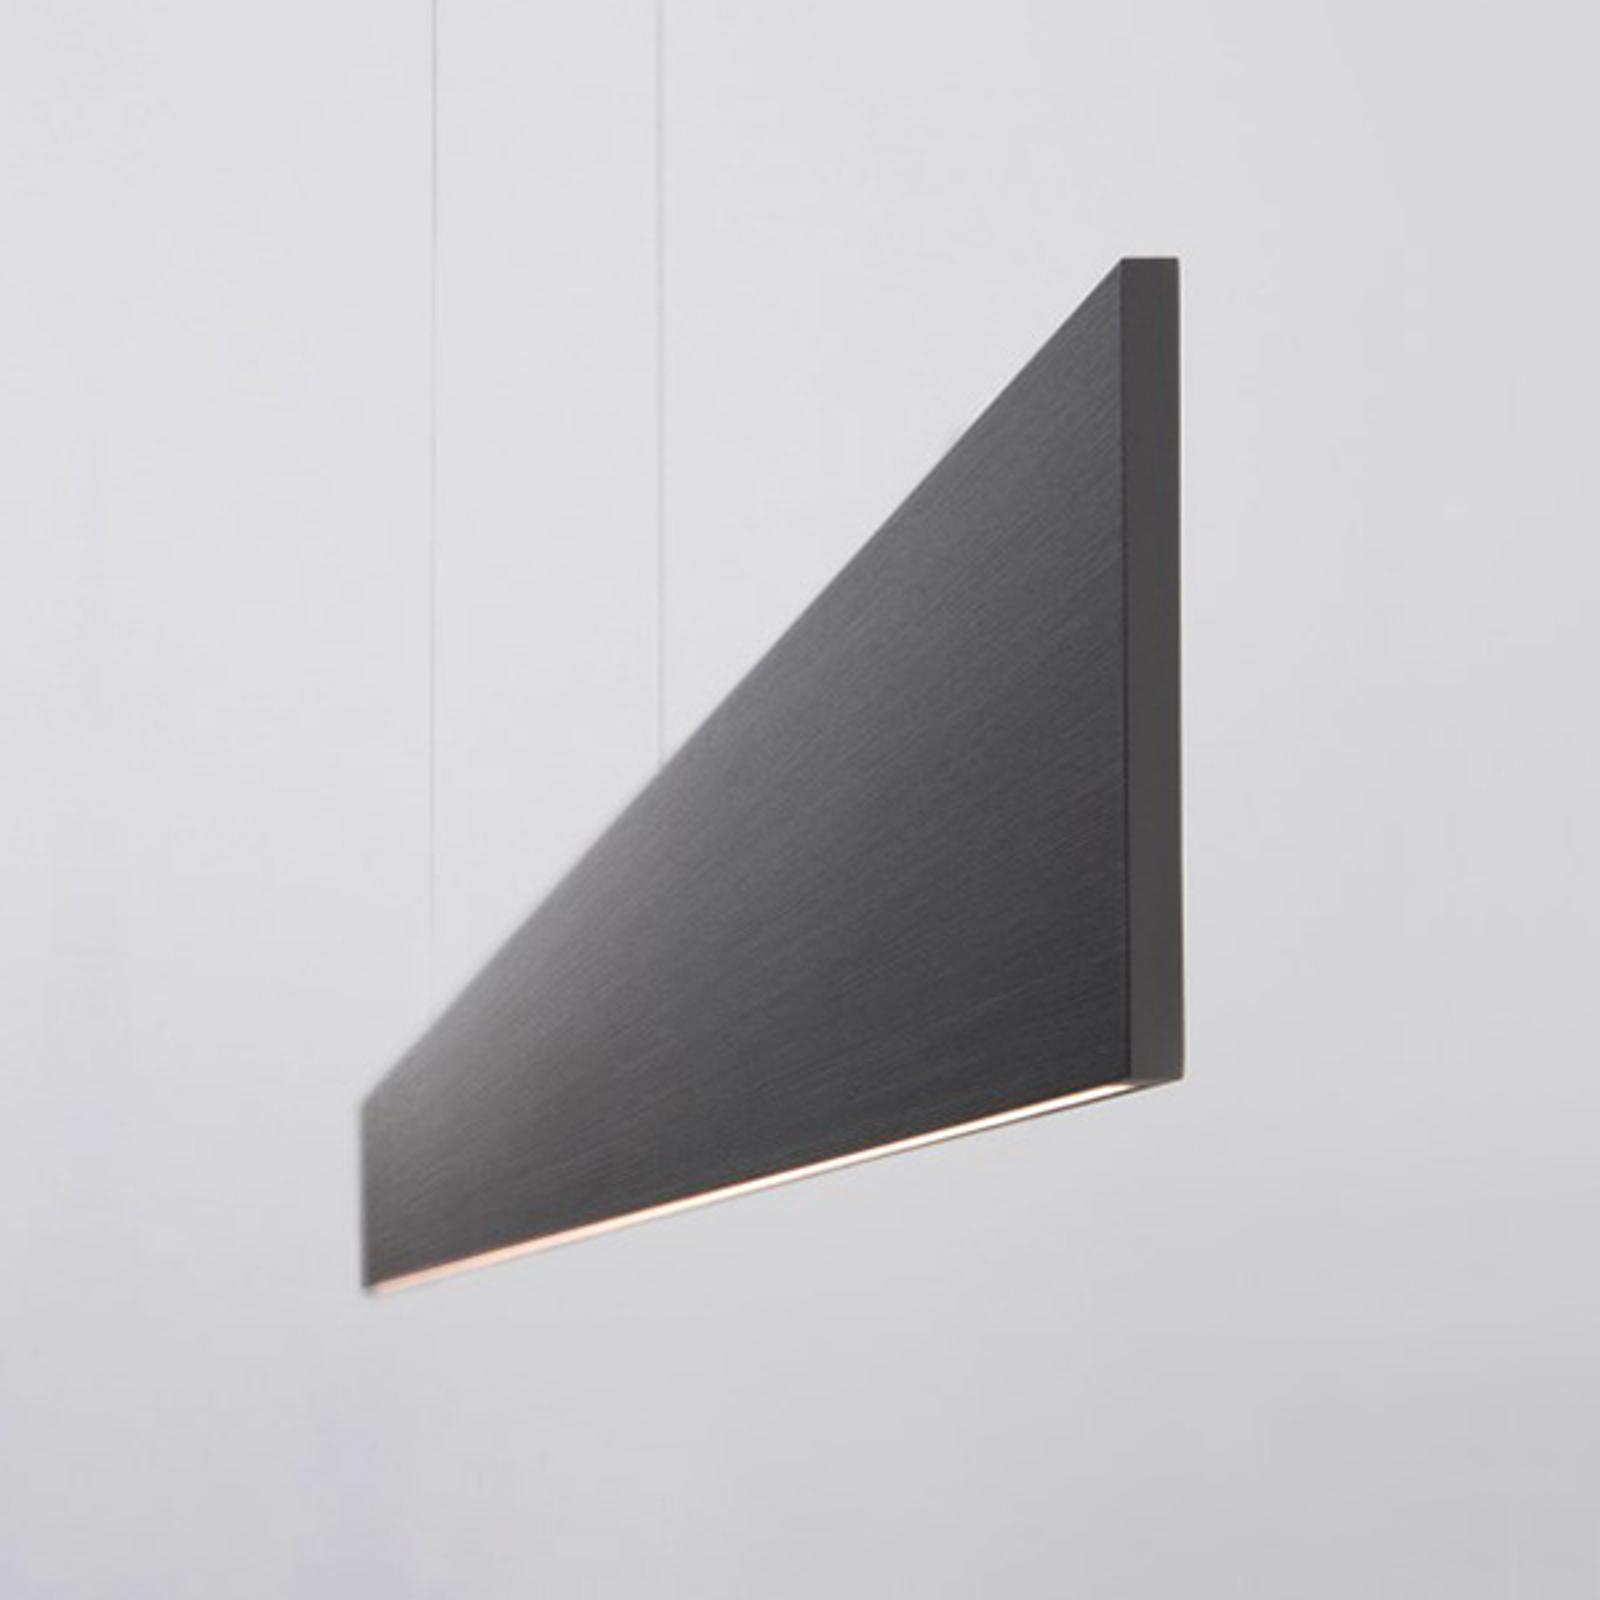 Suspension LED After 8 122cm DALI 3000K graphite